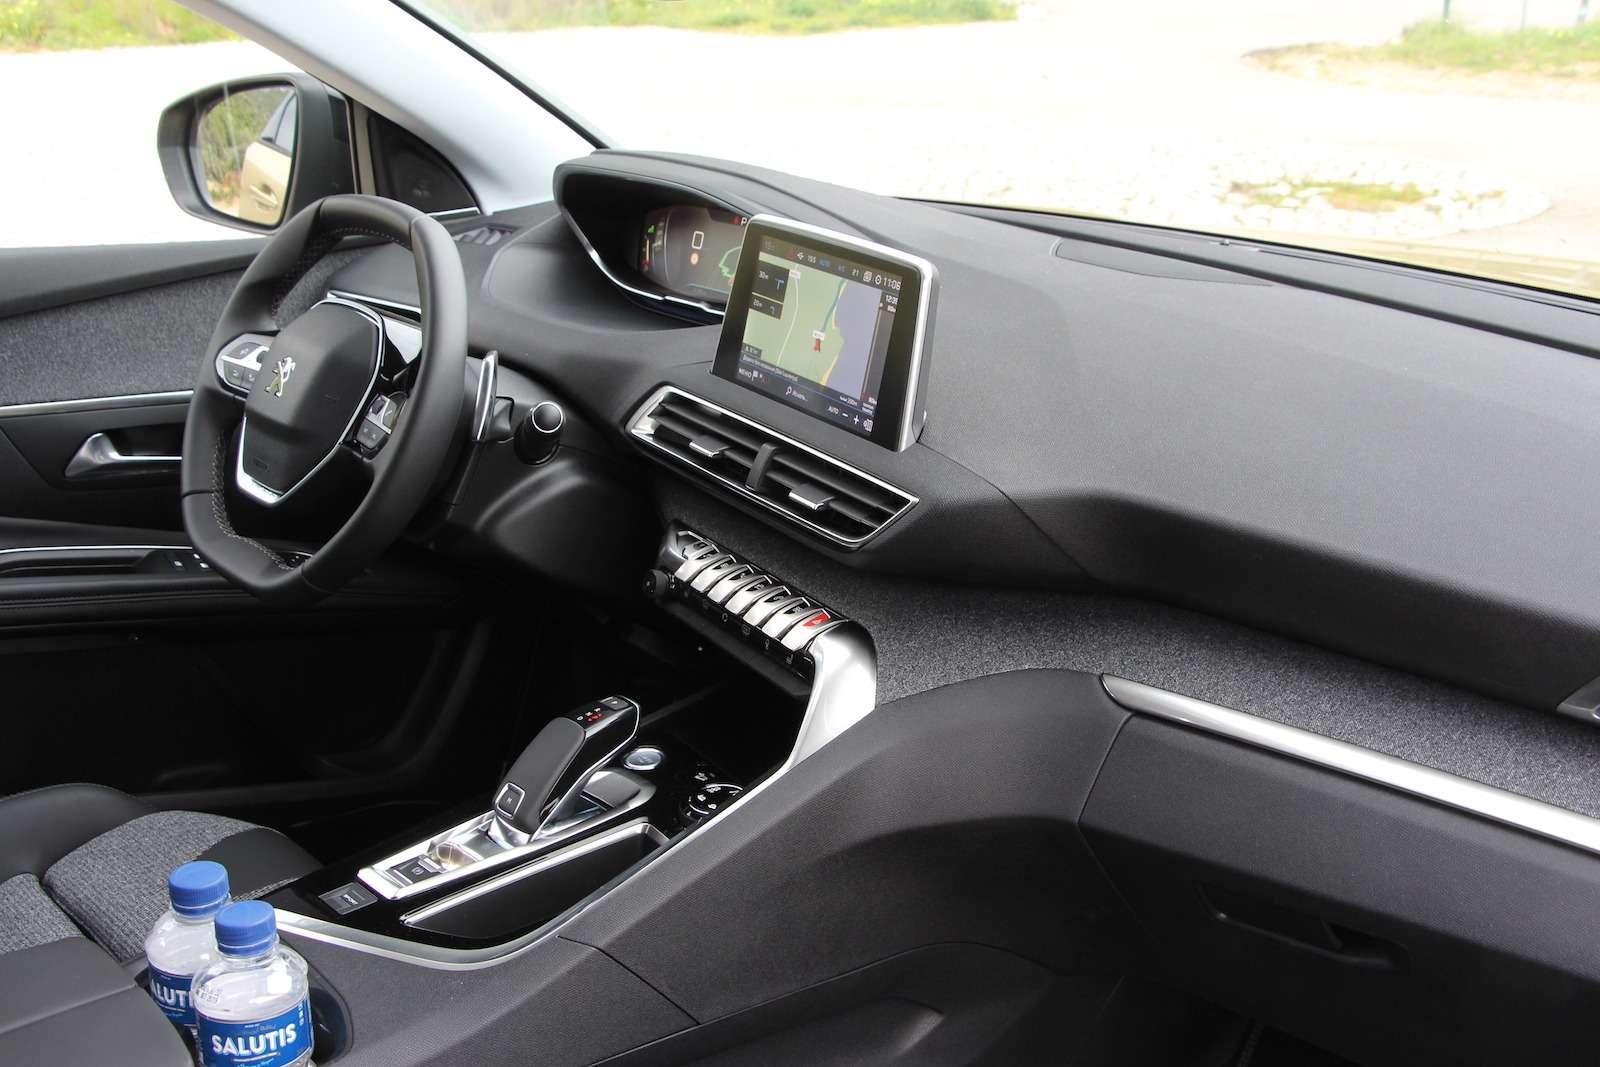 Оператив ЗР: зачем «опаркетили» Peugeot 5008?— фото 714302